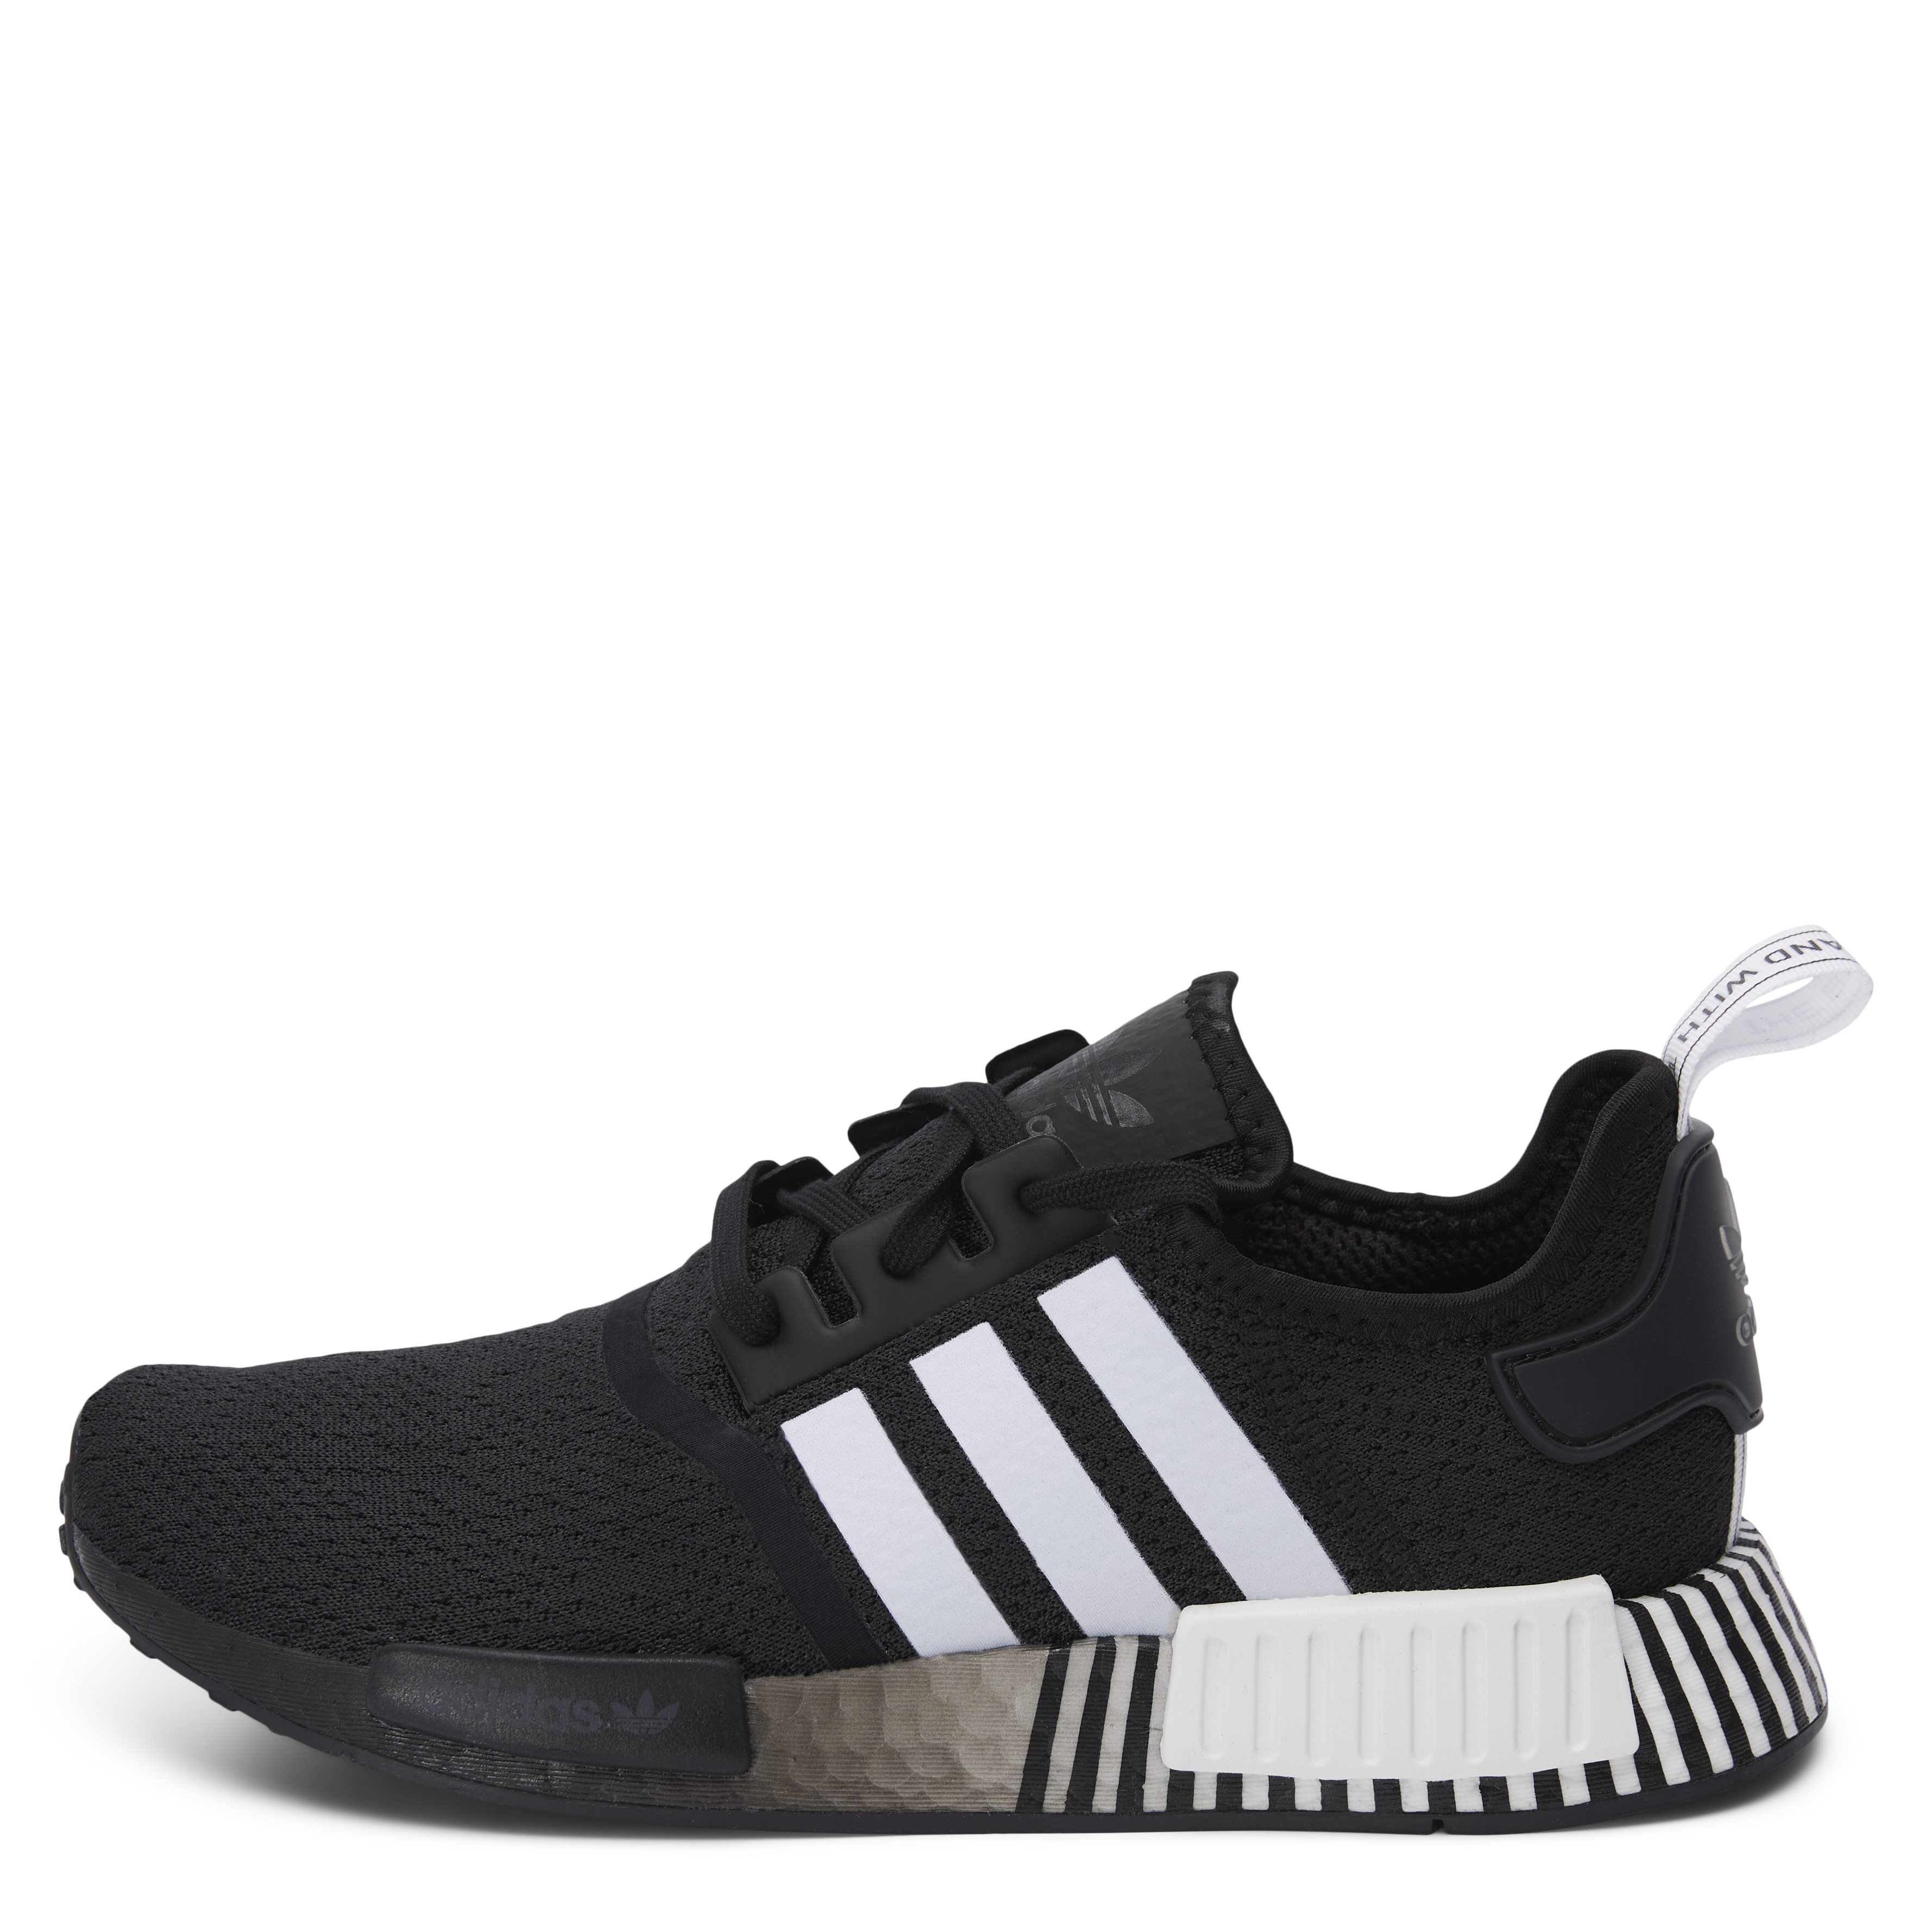 NMD_R1 Sneaker - Skor - Svart